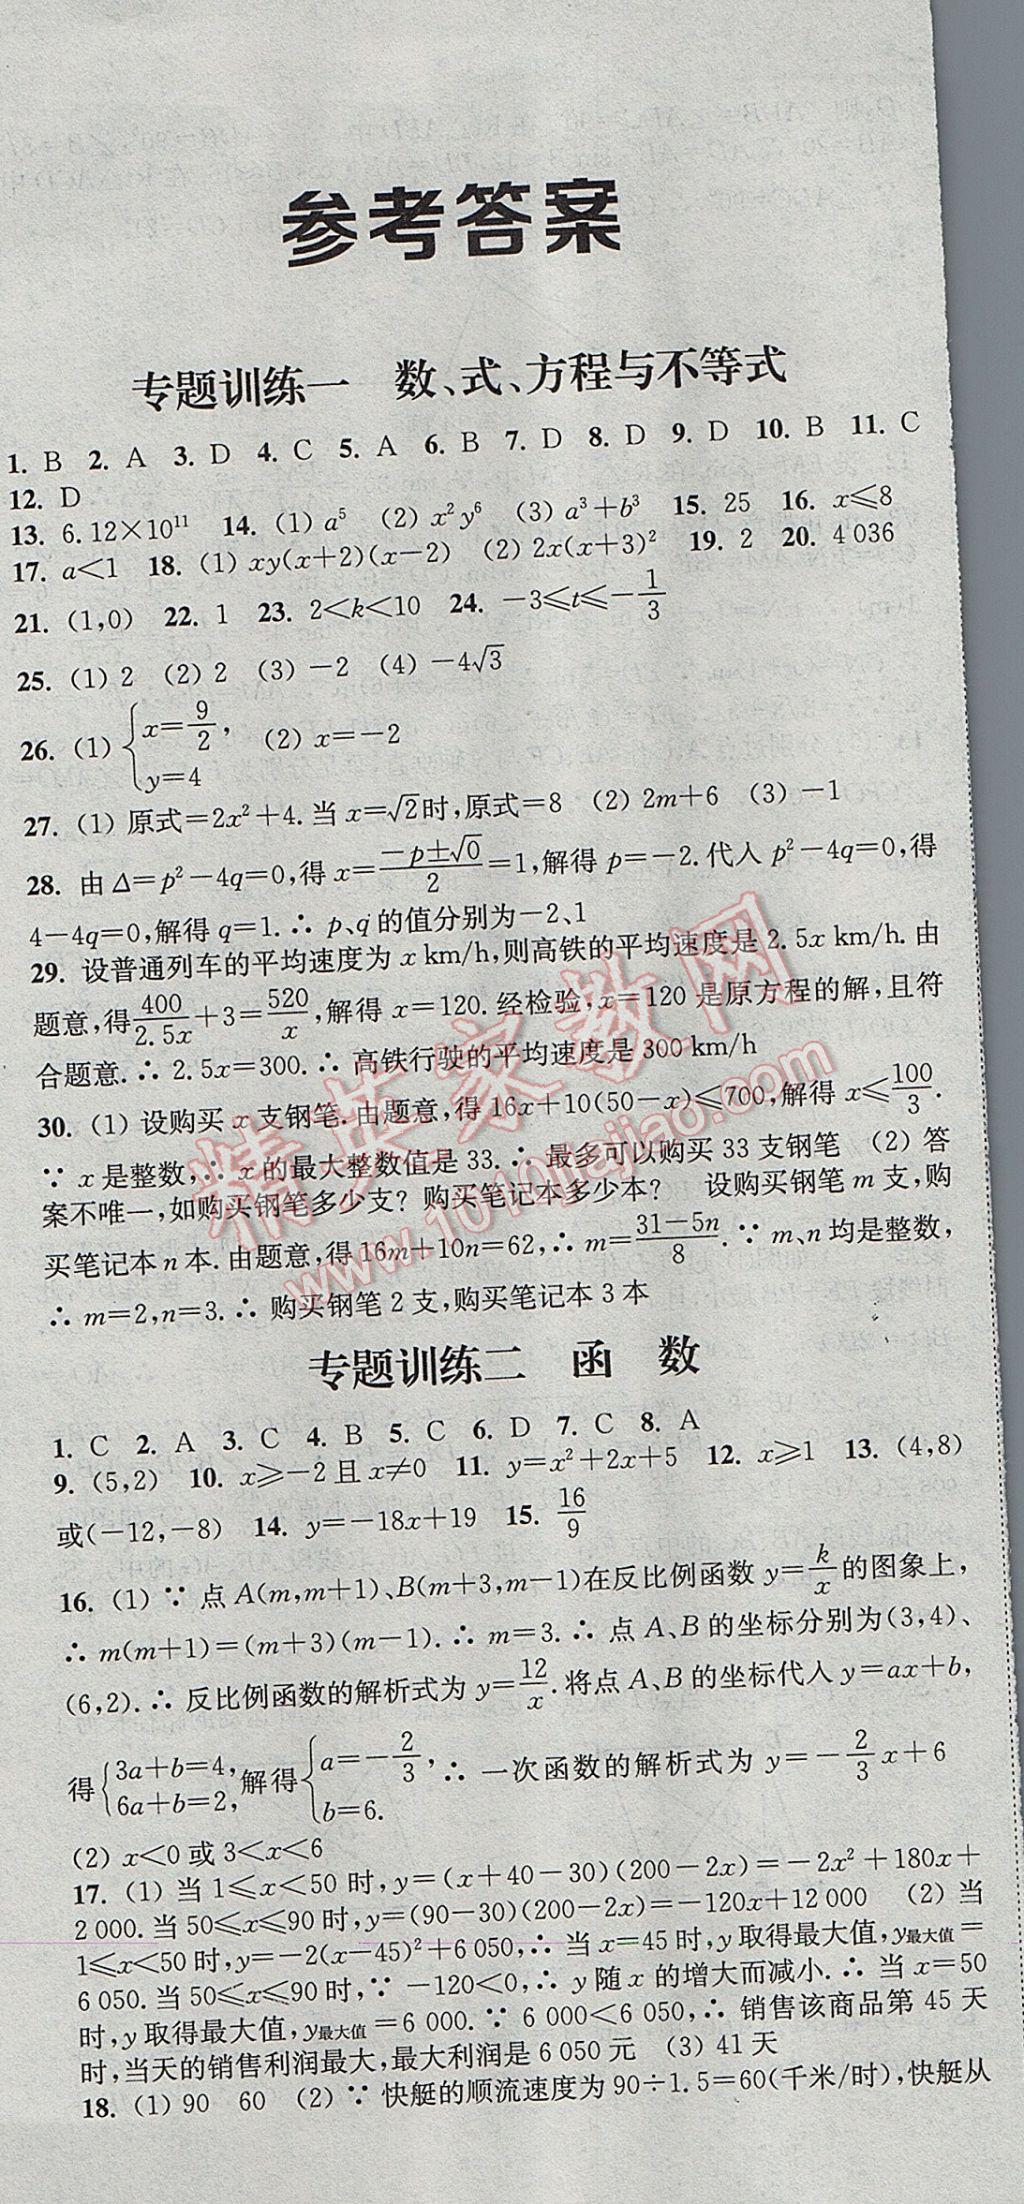 2017年通城学典决胜中考数学南通专用